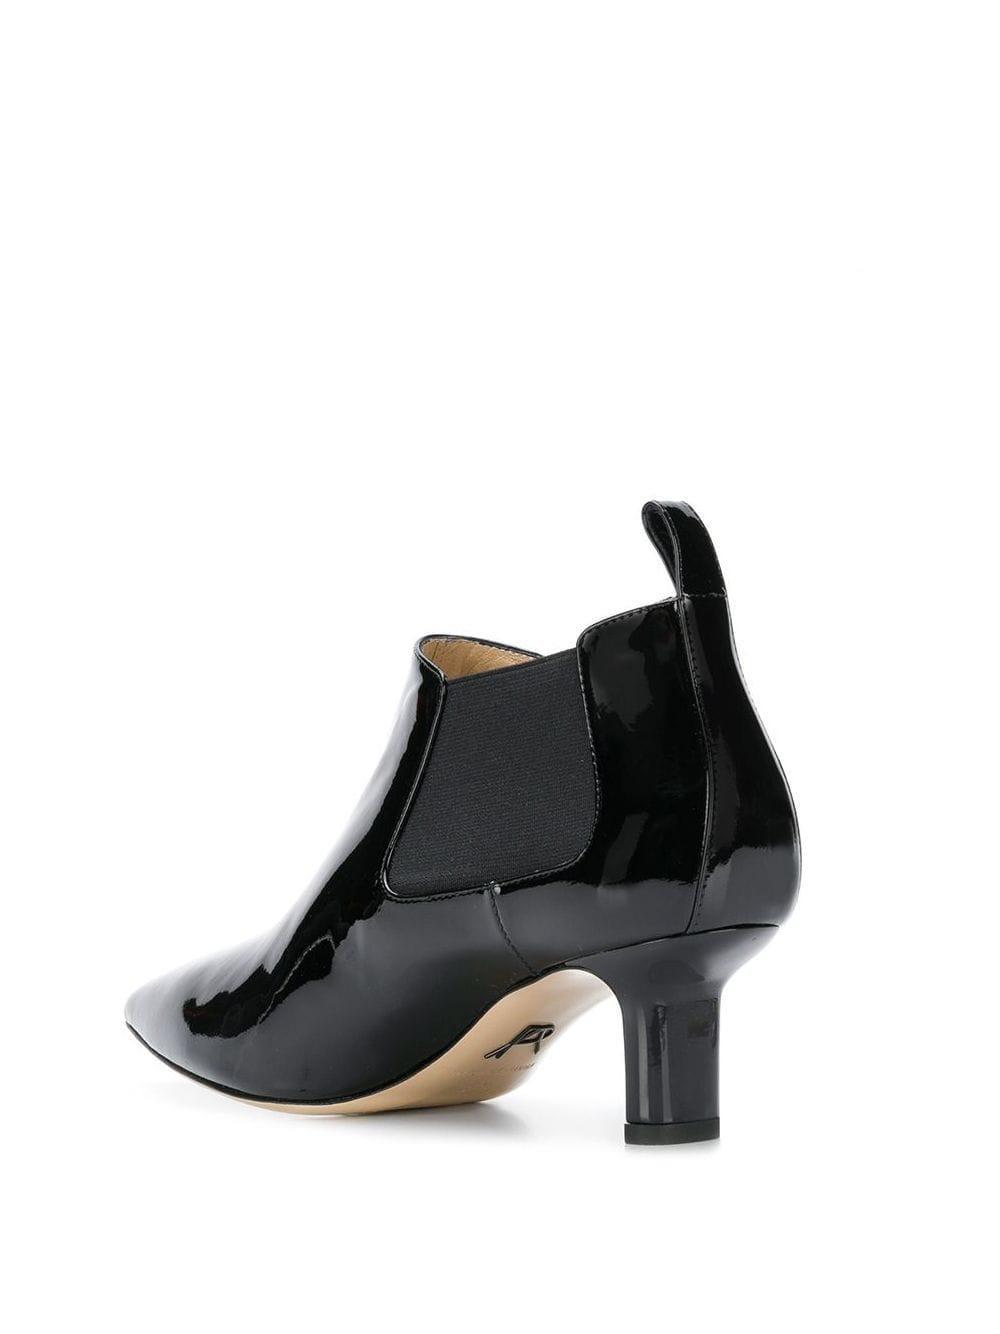 Botas con tacón stiletto con puntera en punta Paul Andrew de Cuero de color Negro